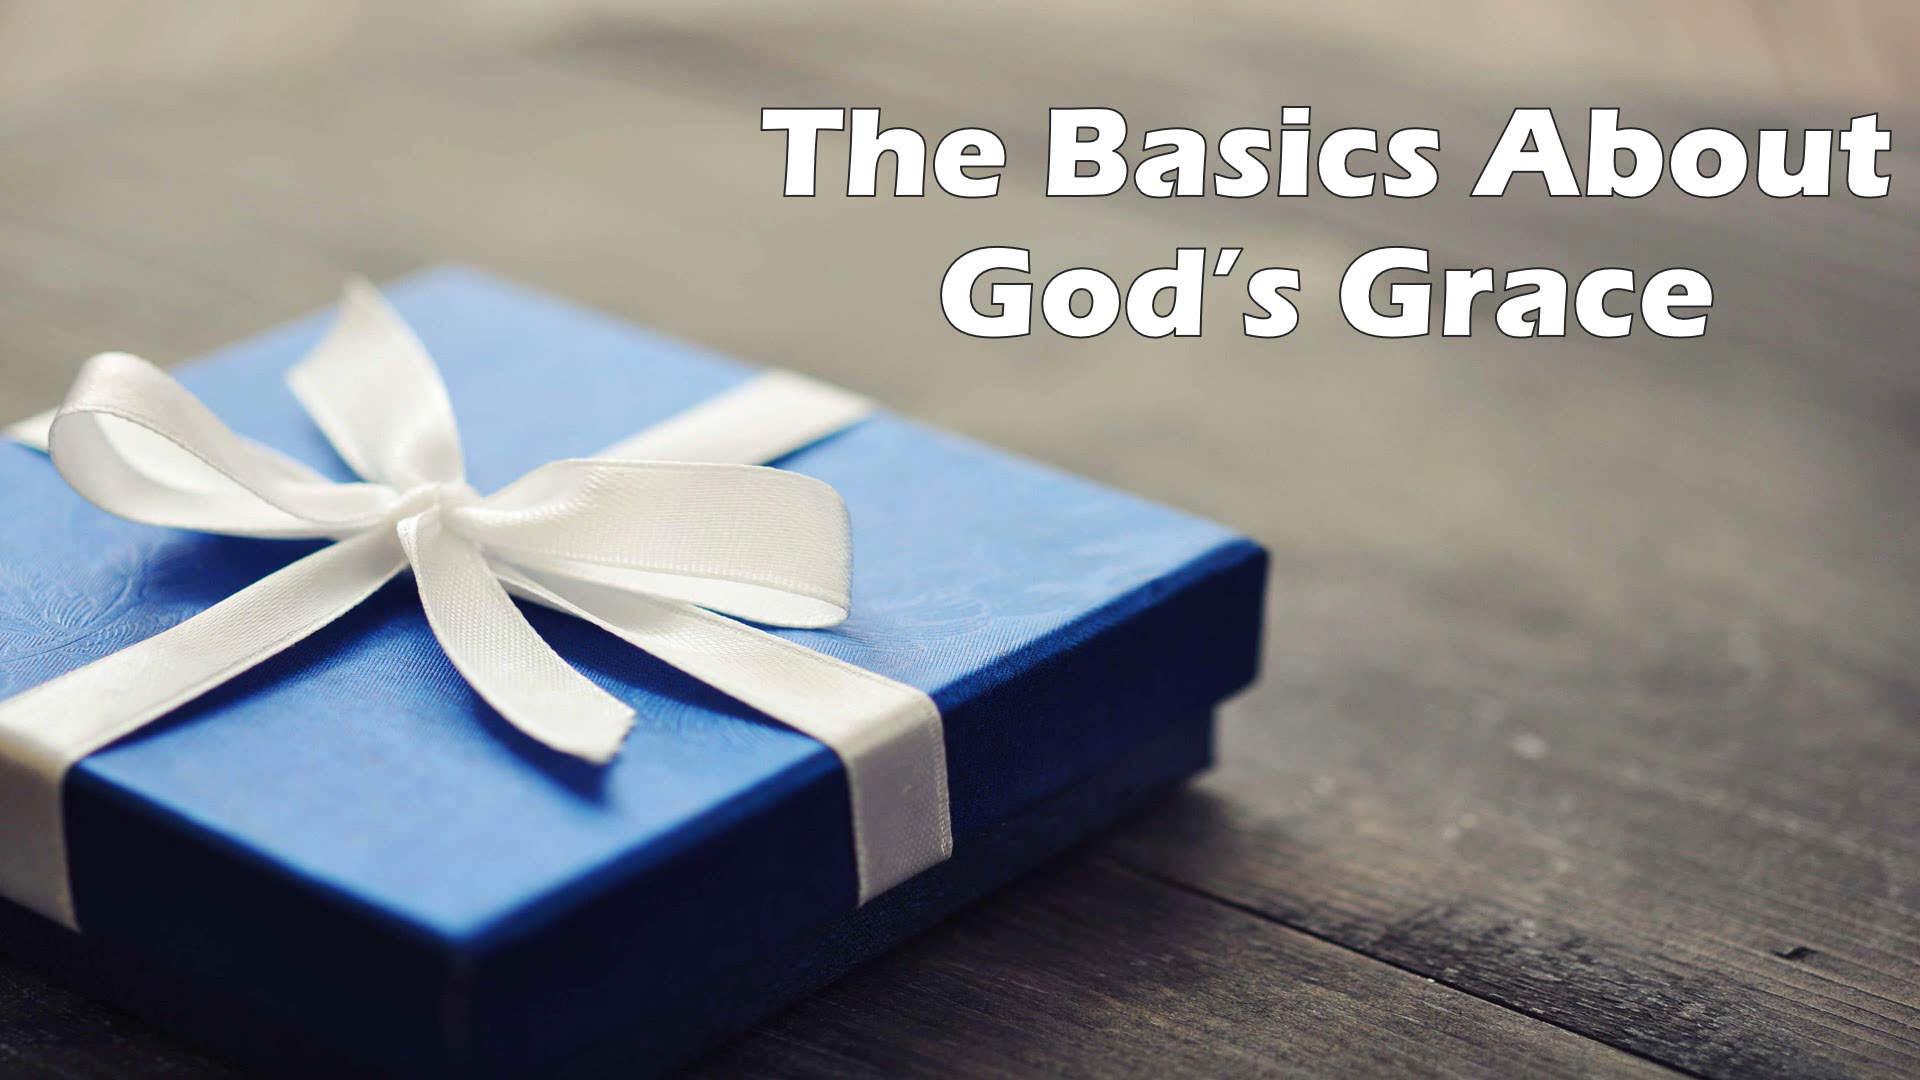 The Basics About God's Grace